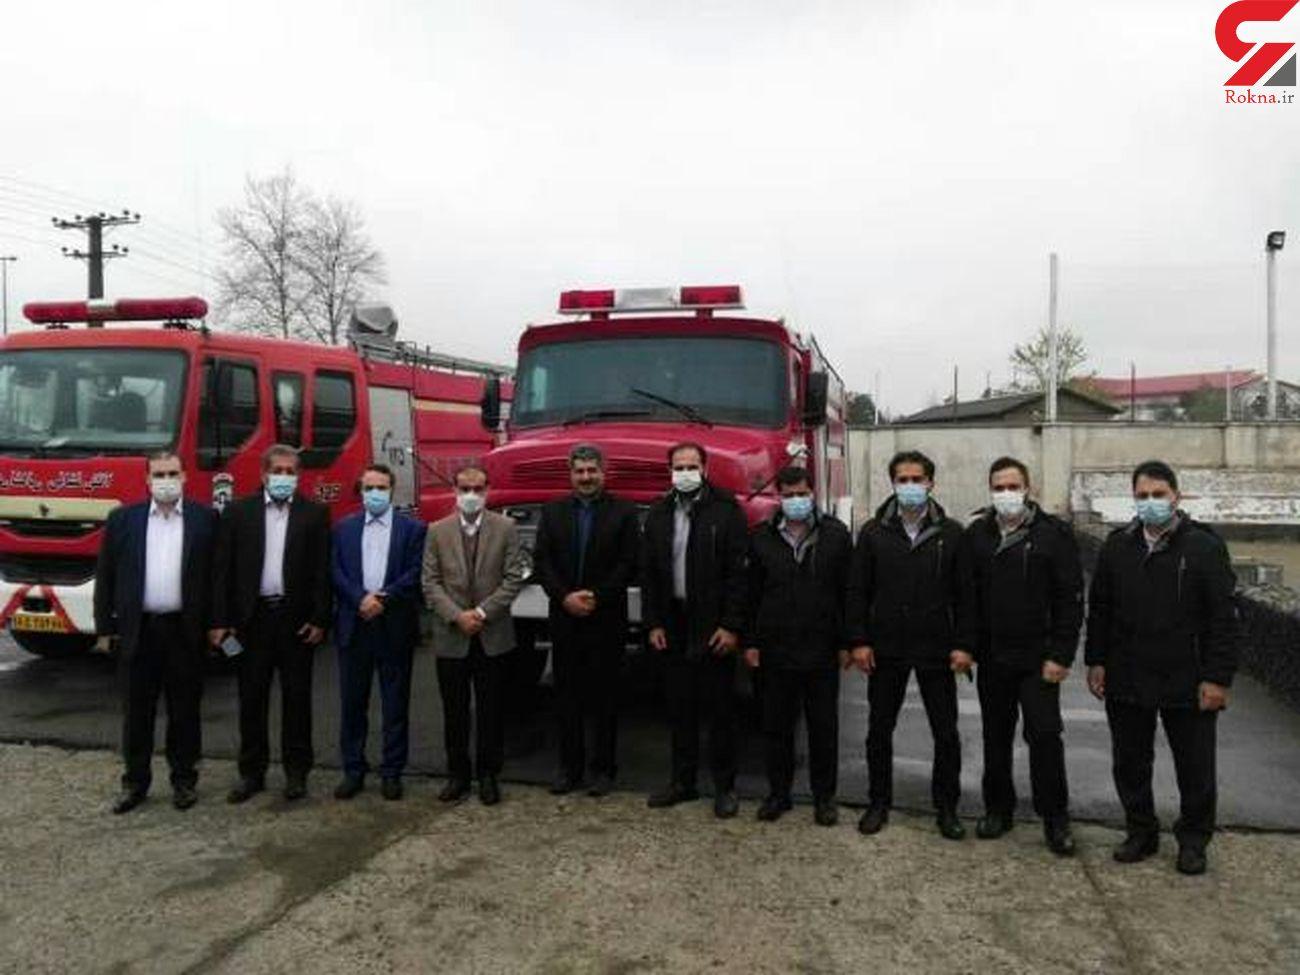 بازدید شهردار رشت از ایستگاه آتش نشانی